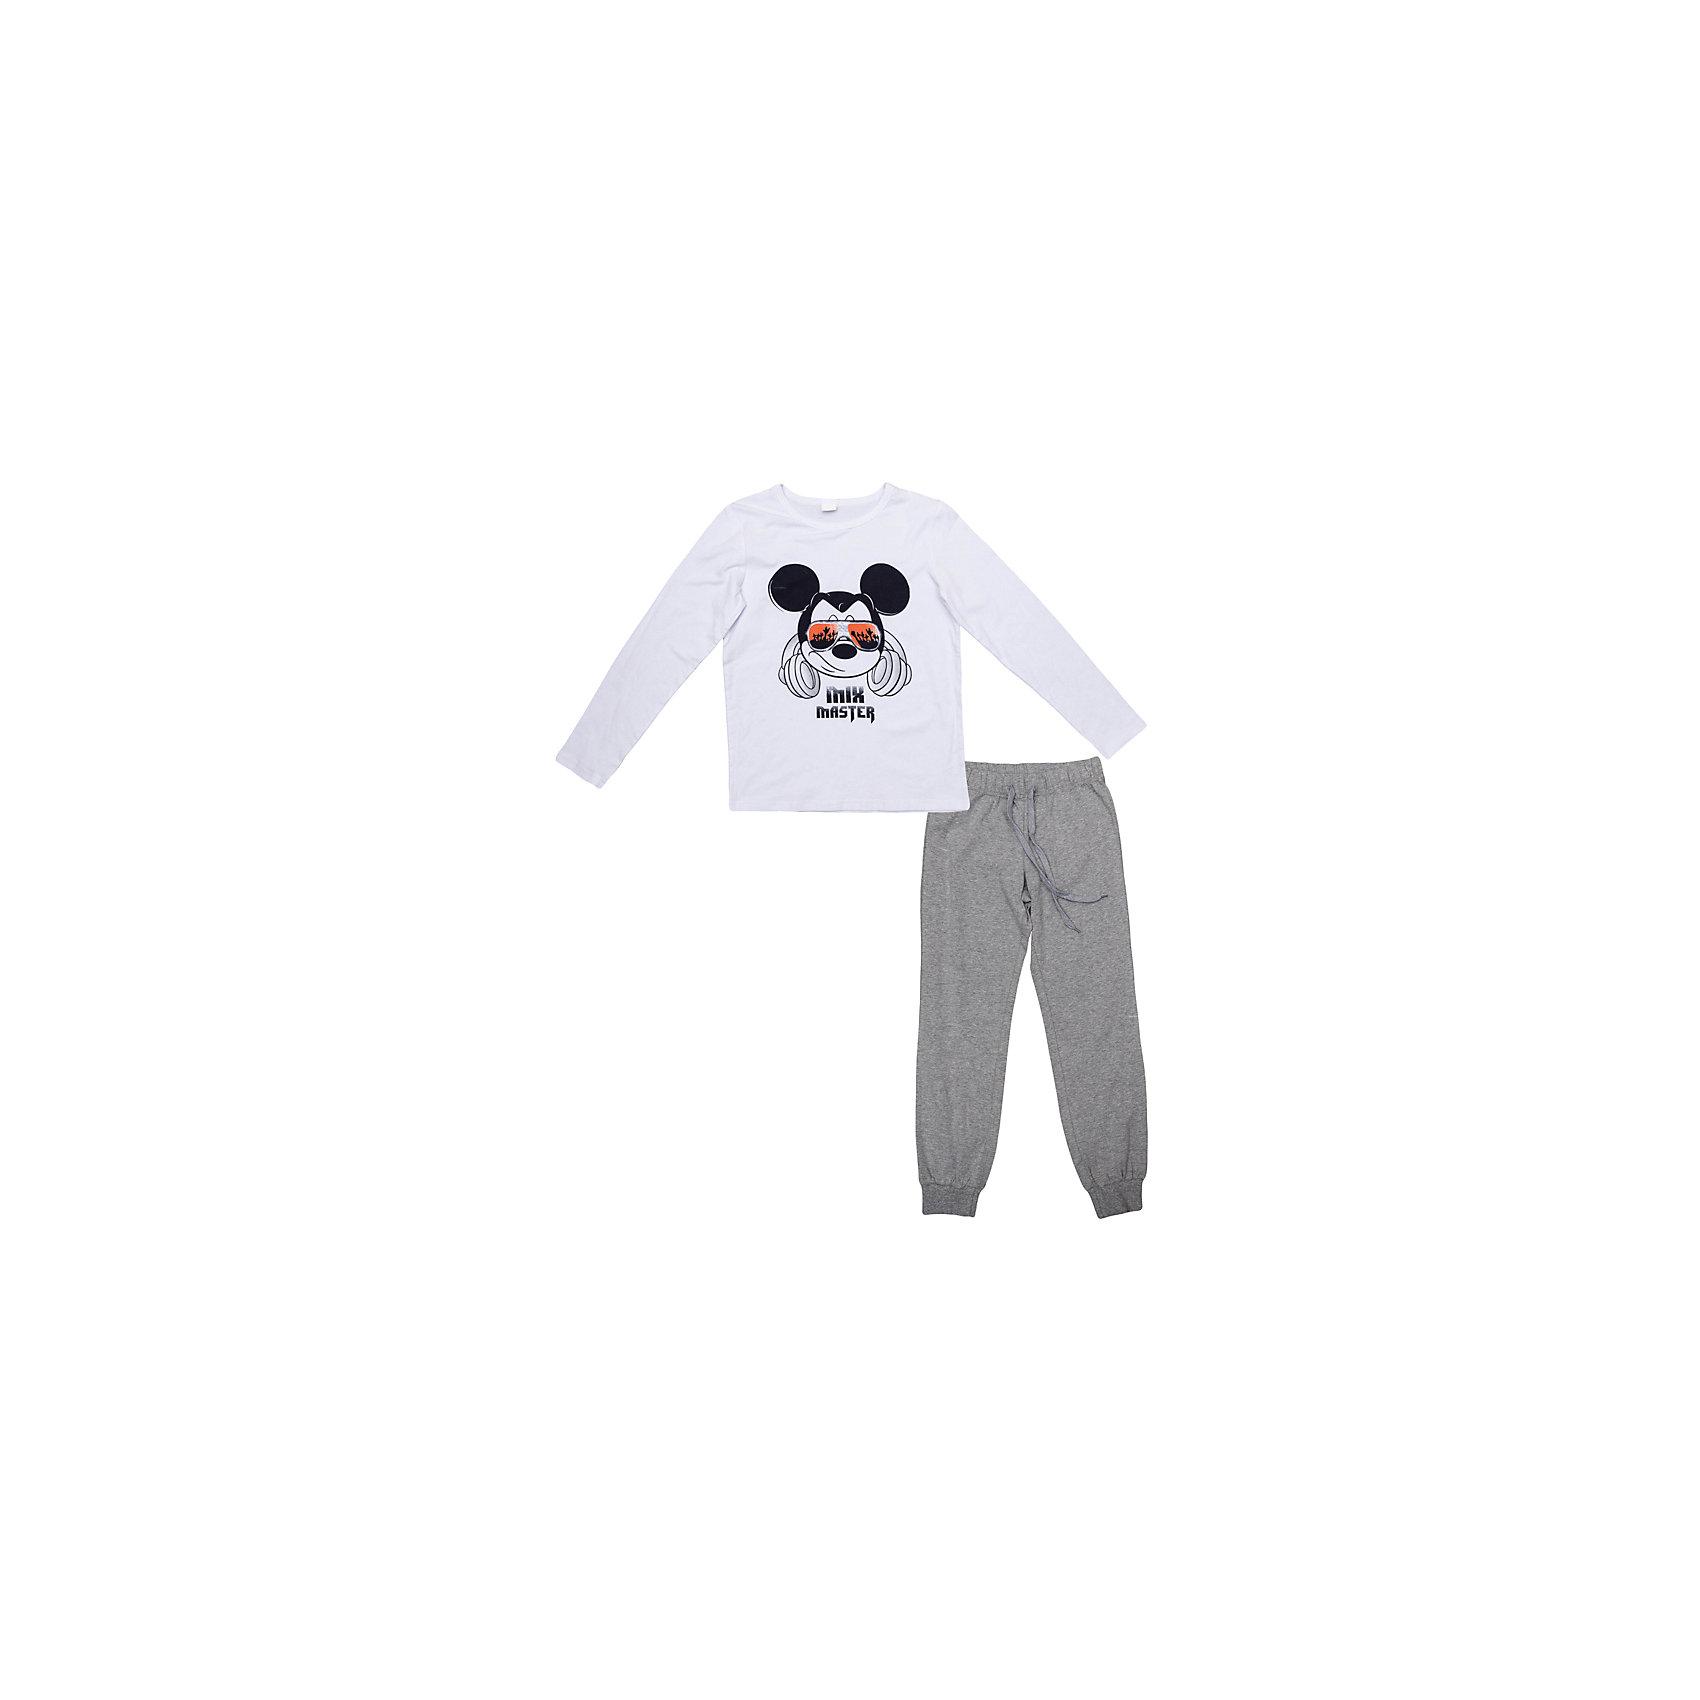 Комплект: толстовка и брюки для мальчика ScoolКомплекты<br>Комплект: толстовка и брюки для мальчика Scool – подойдет для спорта или для домашней носки.<br>Замечательный уютный хлопковый костюм из толстовки и спортивных брюк. Не сковывает движения, позволяя ребенку вести активный образ жизни. Современный и яркий дизайн. Низ брюк на резинке, а сами брюки могут регулироваться с помощью веревочки.<br><br>Дополнительная информация:<br>- материал: 95% хлопок, 5% эластан <br>- цвет: белый, серый<br><br>Комплект: толстовка и брюки для мальчика Scool можно купить в нашем интернет магазине.<br><br>Ширина мм: 215<br>Глубина мм: 88<br>Высота мм: 191<br>Вес г: 336<br>Цвет: серый<br>Возраст от месяцев: 132<br>Возраст до месяцев: 144<br>Пол: Мужской<br>Возраст: Детский<br>Размер: 152,146,140,164,134,158<br>SKU: 4912249